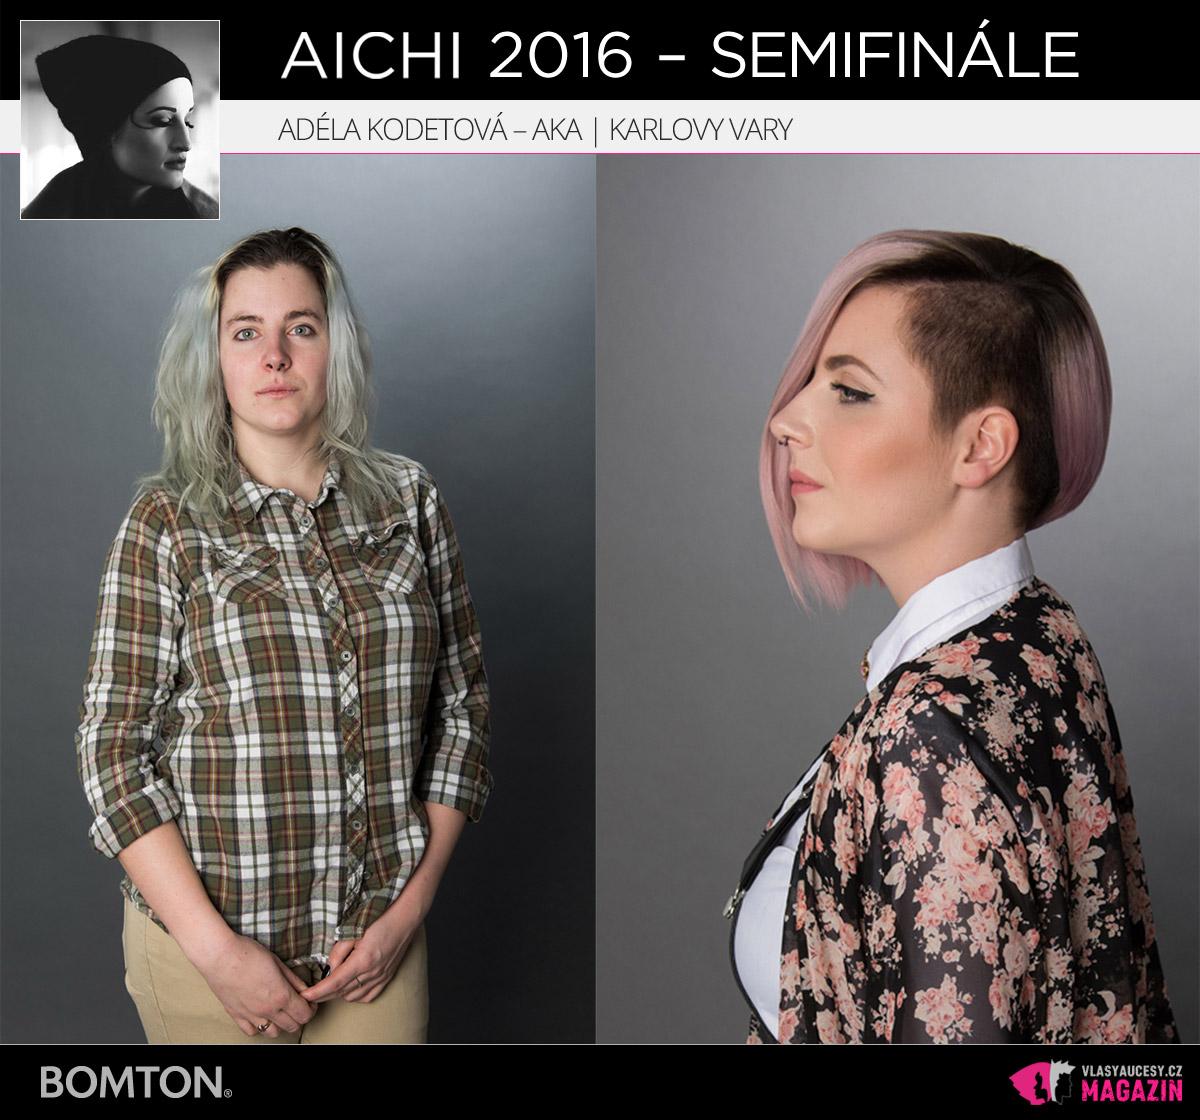 Adéla Kodetová – AKA, Karlovy Vary | Proměny AICHI 2016 - postupující do semifinálového kola